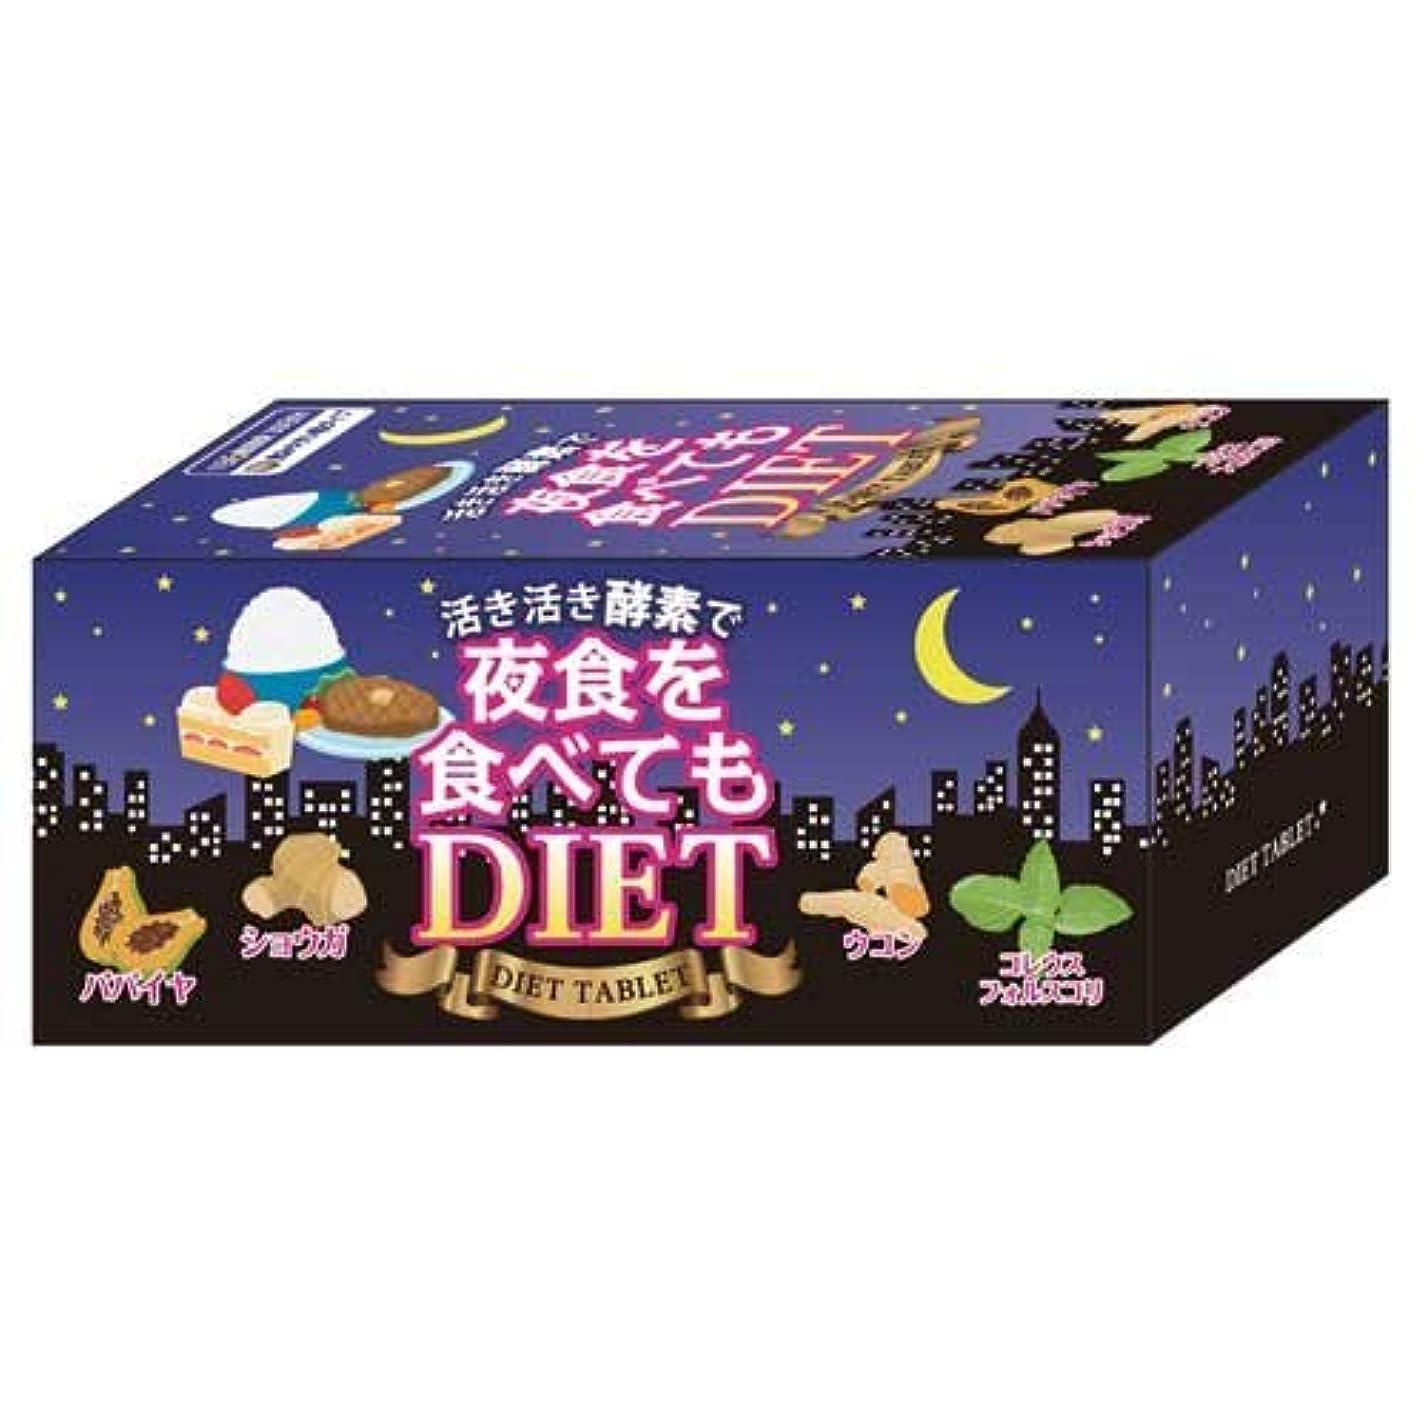 衝動コンパイル気をつけて夜食を食べてもダイエット 30包 (240mg×6粒×30包)